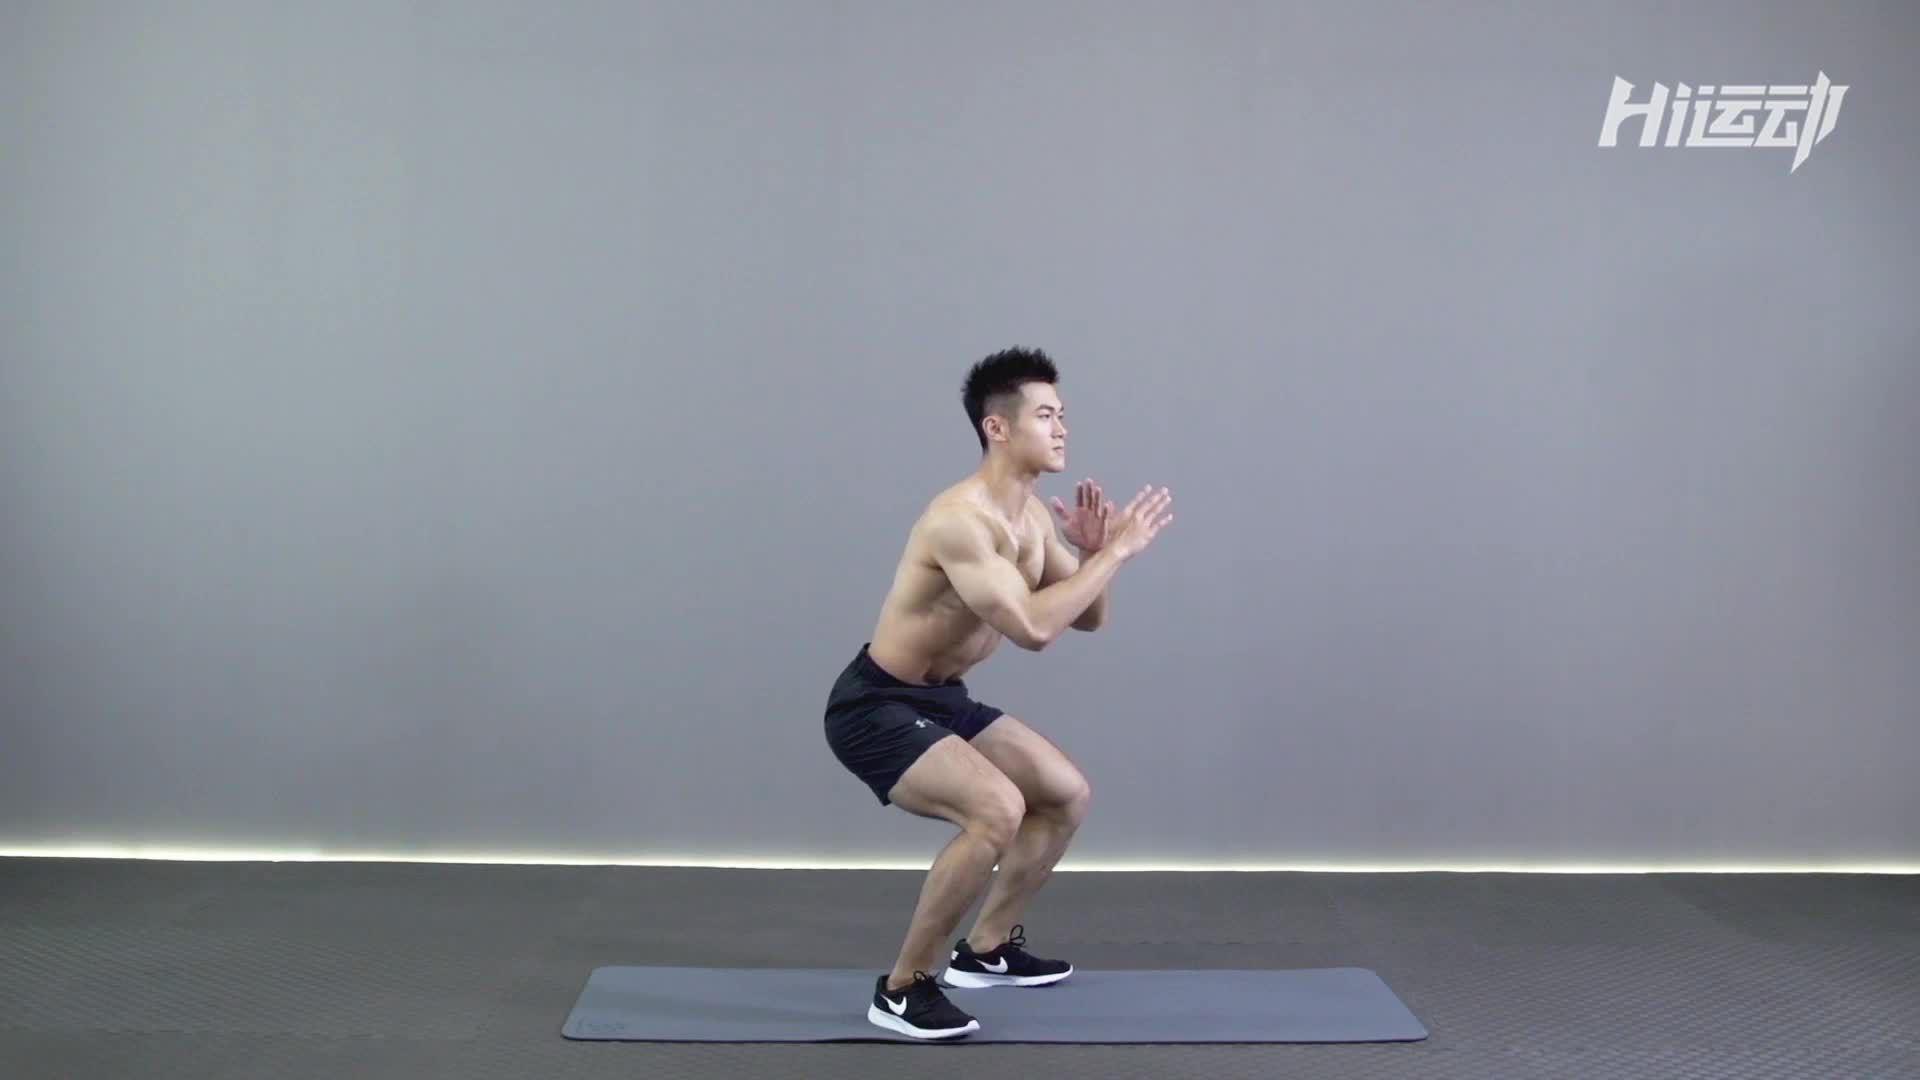 动作要领图                 1、挺胸收腹,收紧臀部         1、脚尖与膝盖保持同一方向,膝盖不要超过脚尖2、落地时,前脚掌着地,迅速过度到全脚掌         1、有短暂腾空